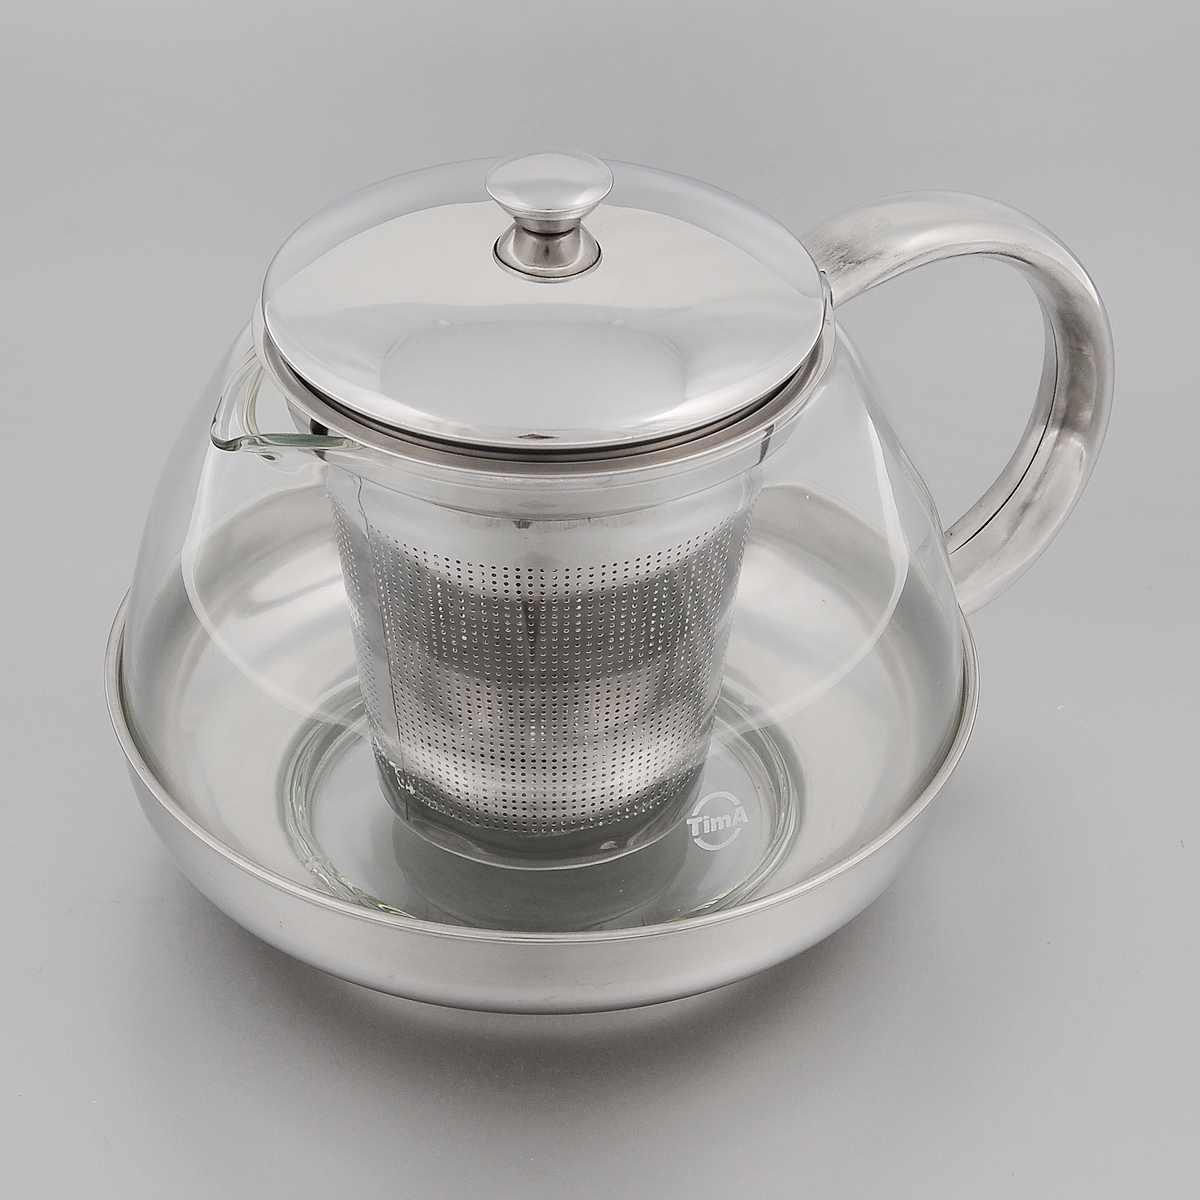 Чайник заварочный TimA Лотос, 1 лVT-1520(SR)Заварочный чайник TimA Лотос изготовлен из термостойкого боросиликатного стекла - прочного износостойкого материала. Чайник оснащен фильтром, крышкой, основанием и ручкой из нержавеющей стали.Простой и удобный чайник поможет вам приготовить крепкий, ароматный чай. Дизайн изделия создает гипнотическую атмосферу через сочетание полупрозрачного цвета и хромированных элементов. Можно мыть в посудомоечной машине. Не использовать в микроволновой печи.Диаметр (по верхнему краю): 8,5 см.Высота (без учета крышки): 9,5 см.Высота фильтра: 8,7 см.